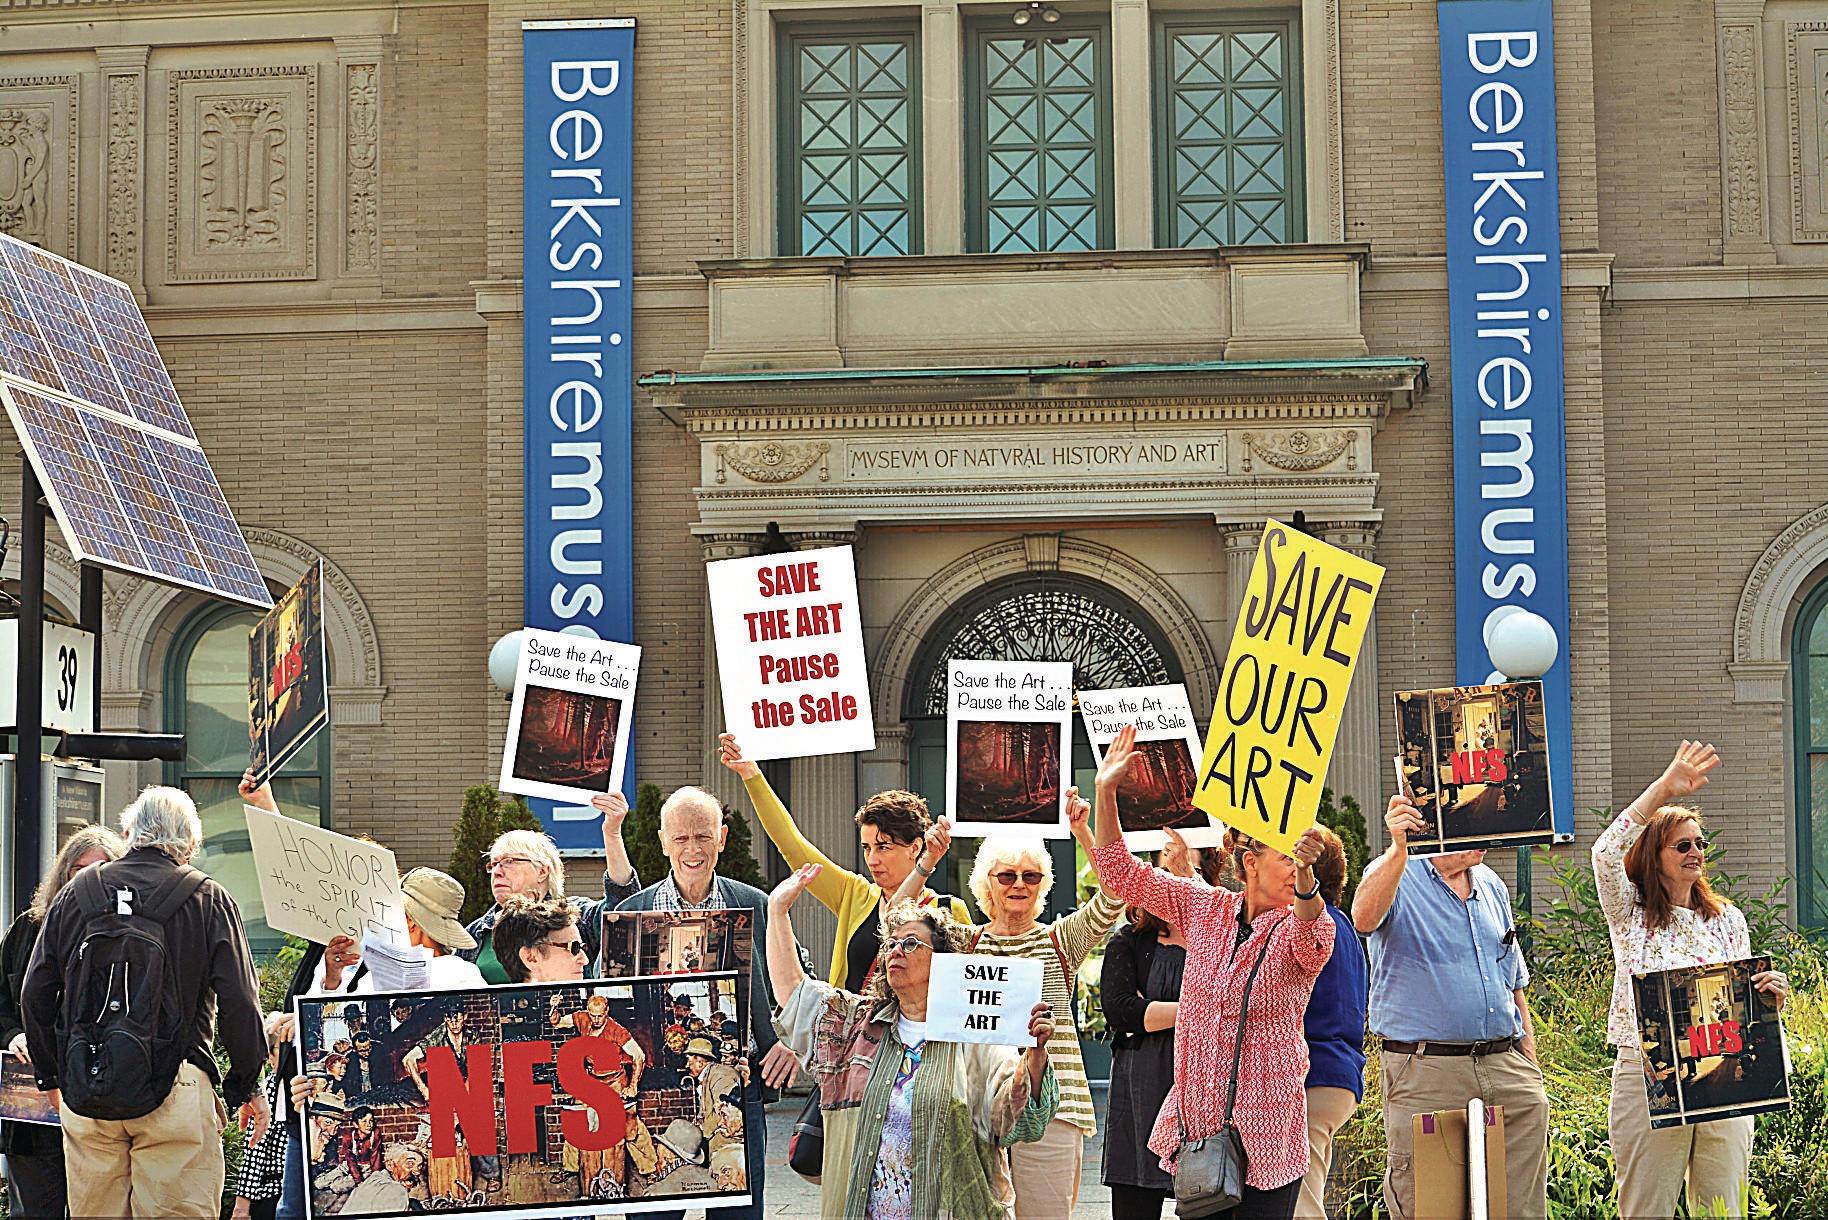 Manifestants devant le Berkshire Museum en 2017, image par Gillian Jones, pour le Berkshire Eagle